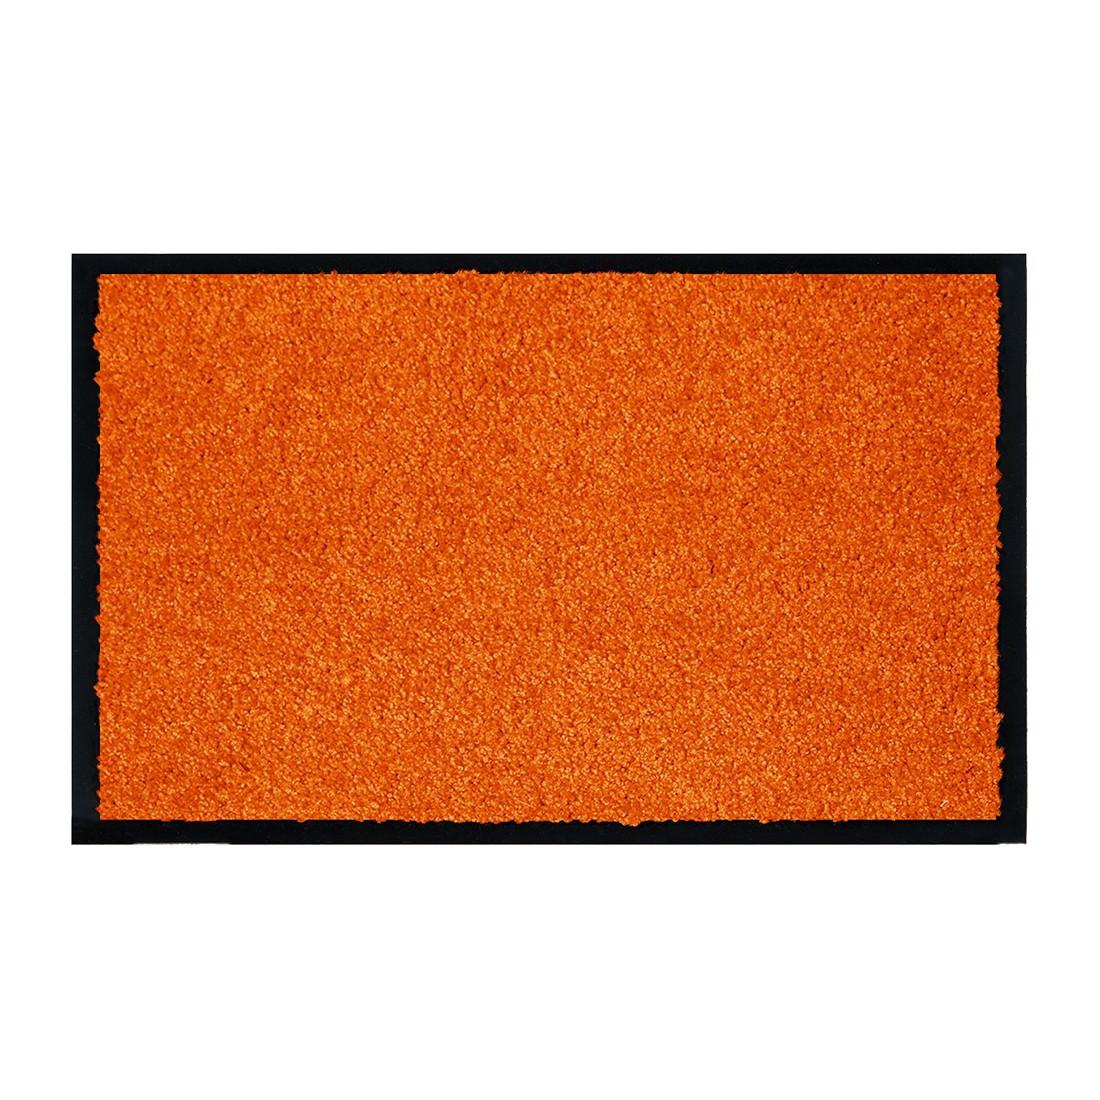 Fußmatte Proper Tex - Orange - 90 x 250 cm, Astra